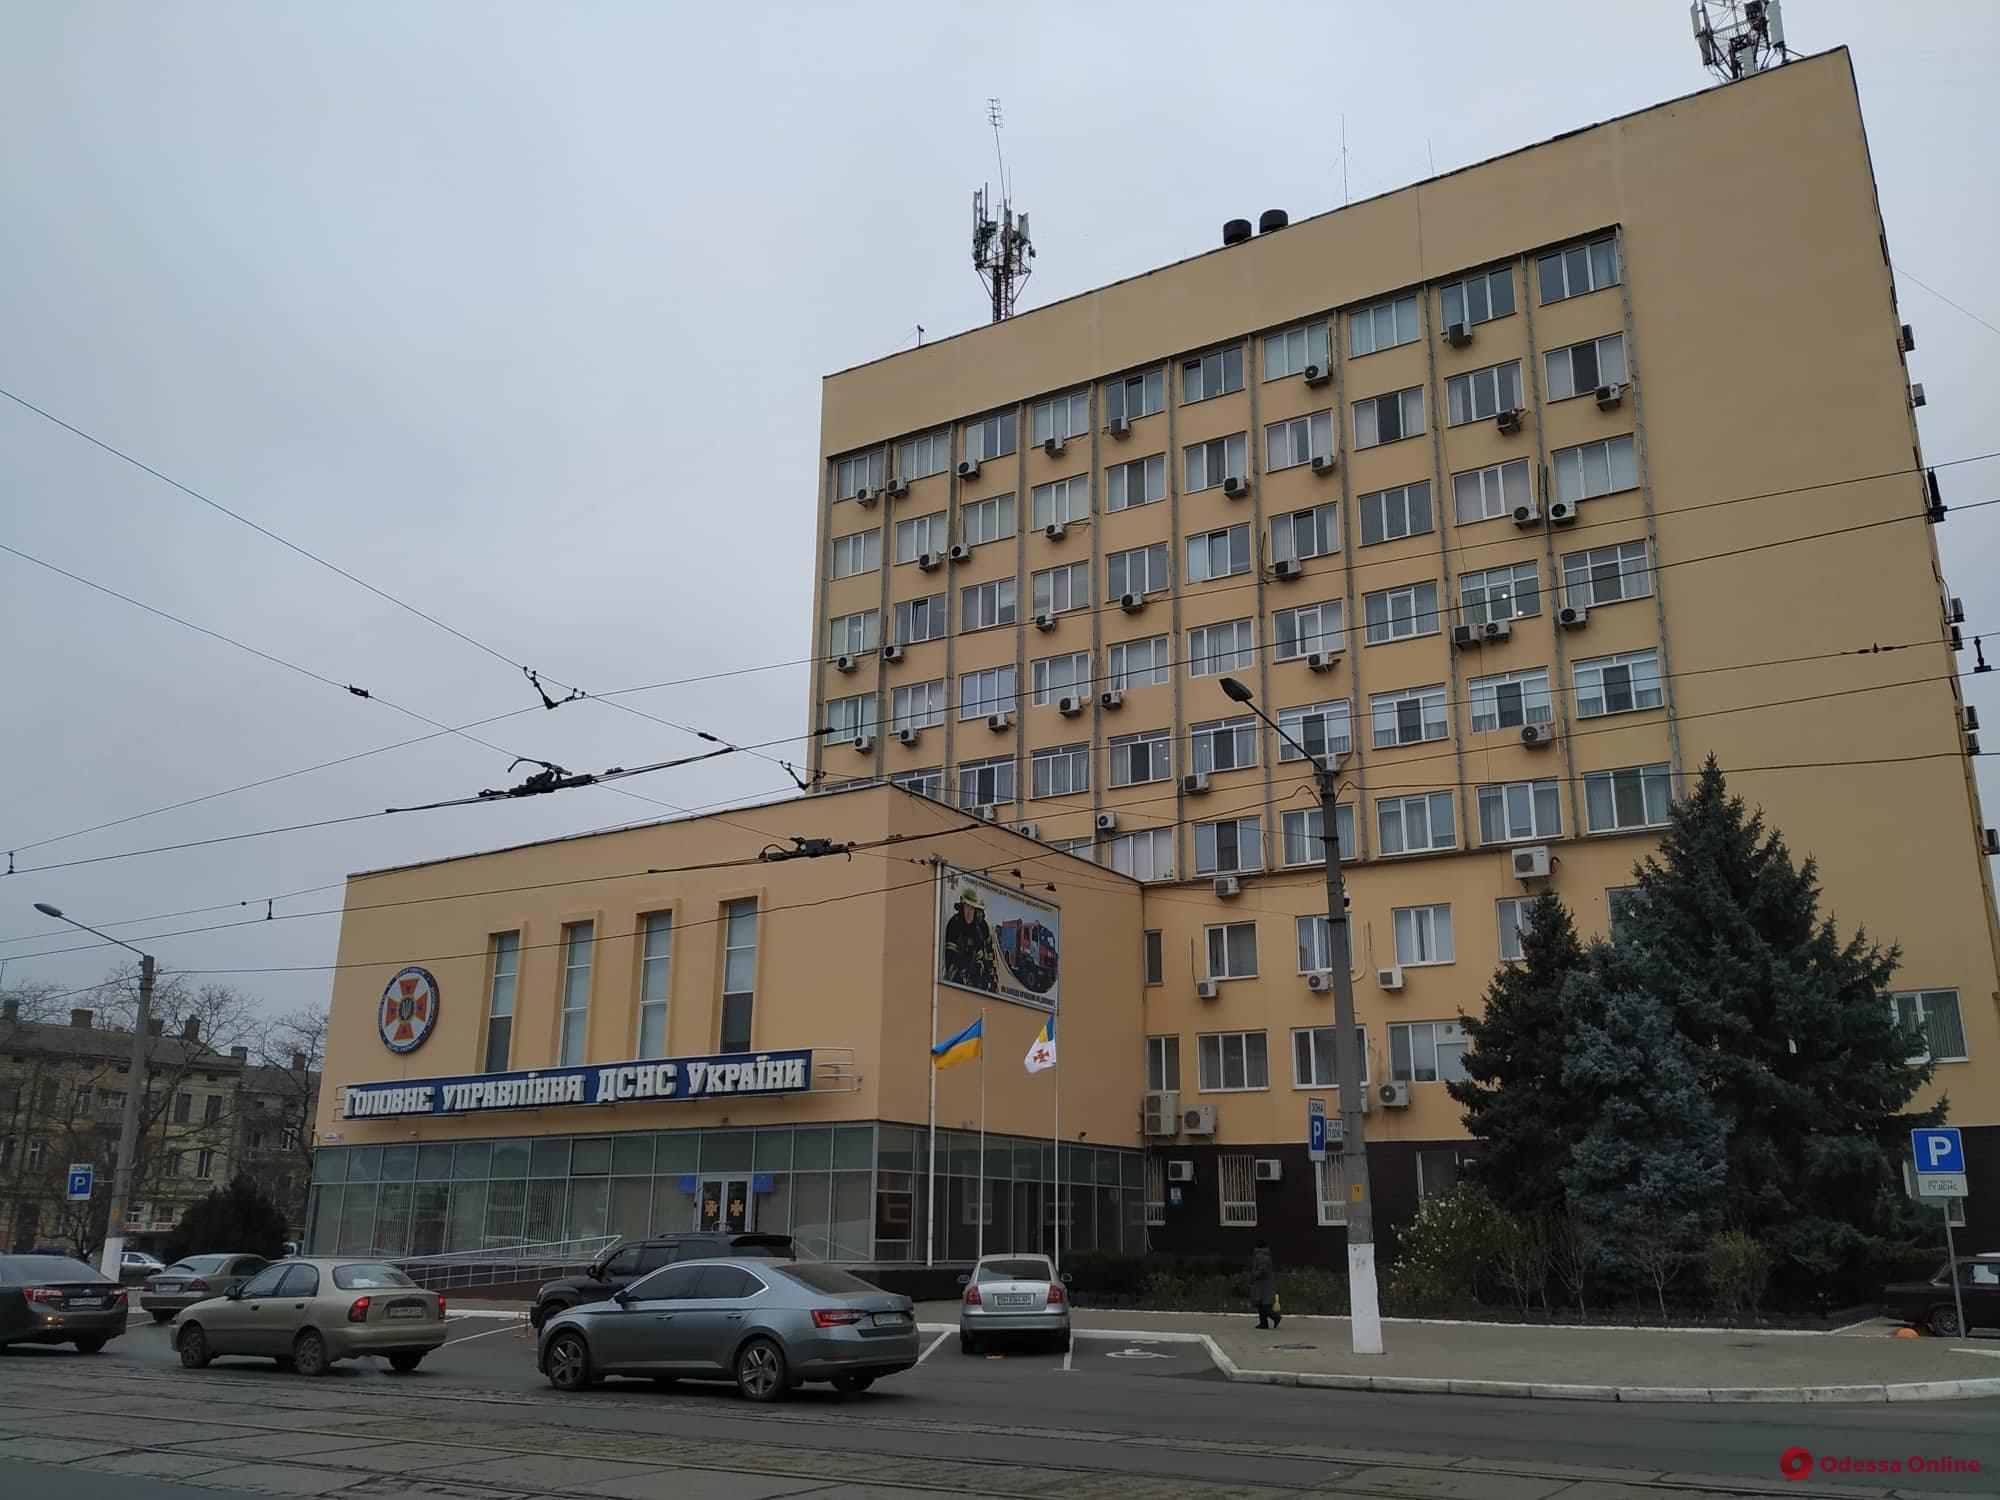 Дело о пожаре на Троицкой: в здании облуправления ГСЧС проходят обыски (обновлено)